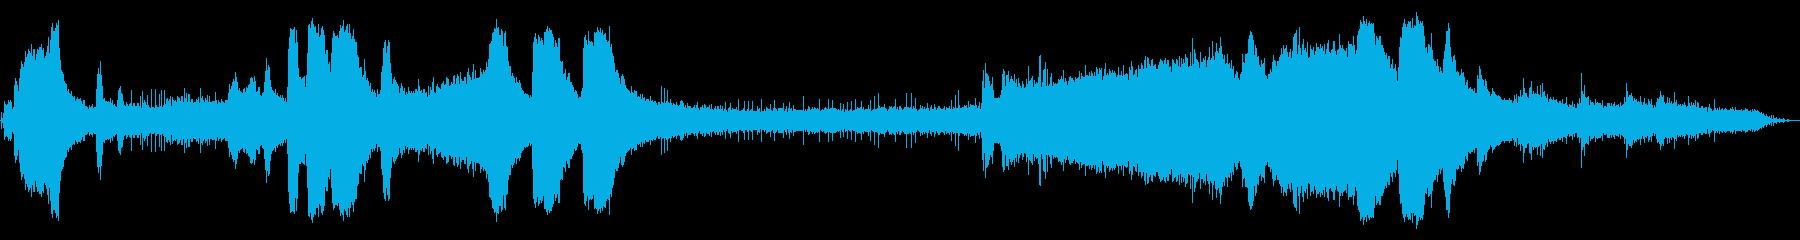 ガスチェーンソー:開始、回転数でア...の再生済みの波形